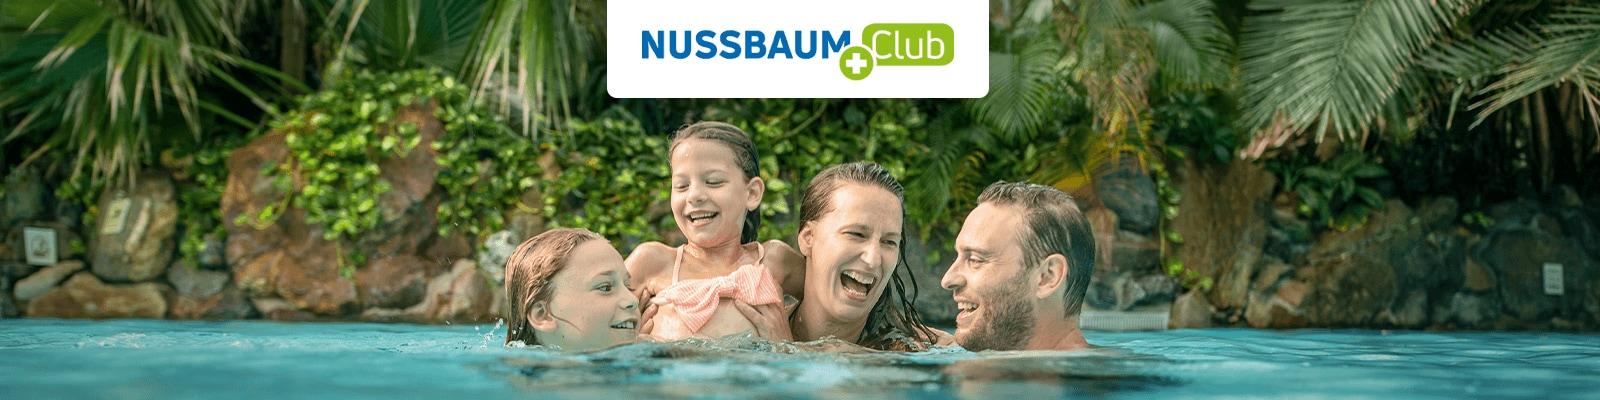 Nussbaum Club Mitarbeiterrabatt